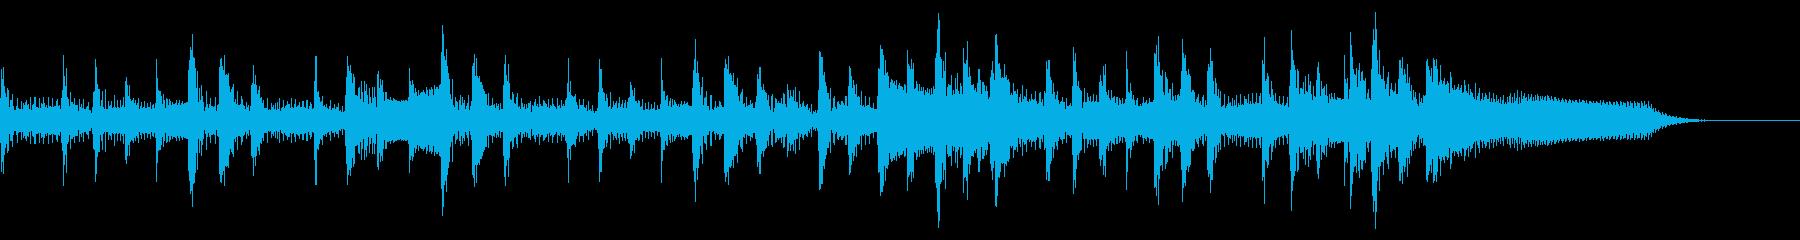 ランチェロリズム、スローテンポから...の再生済みの波形